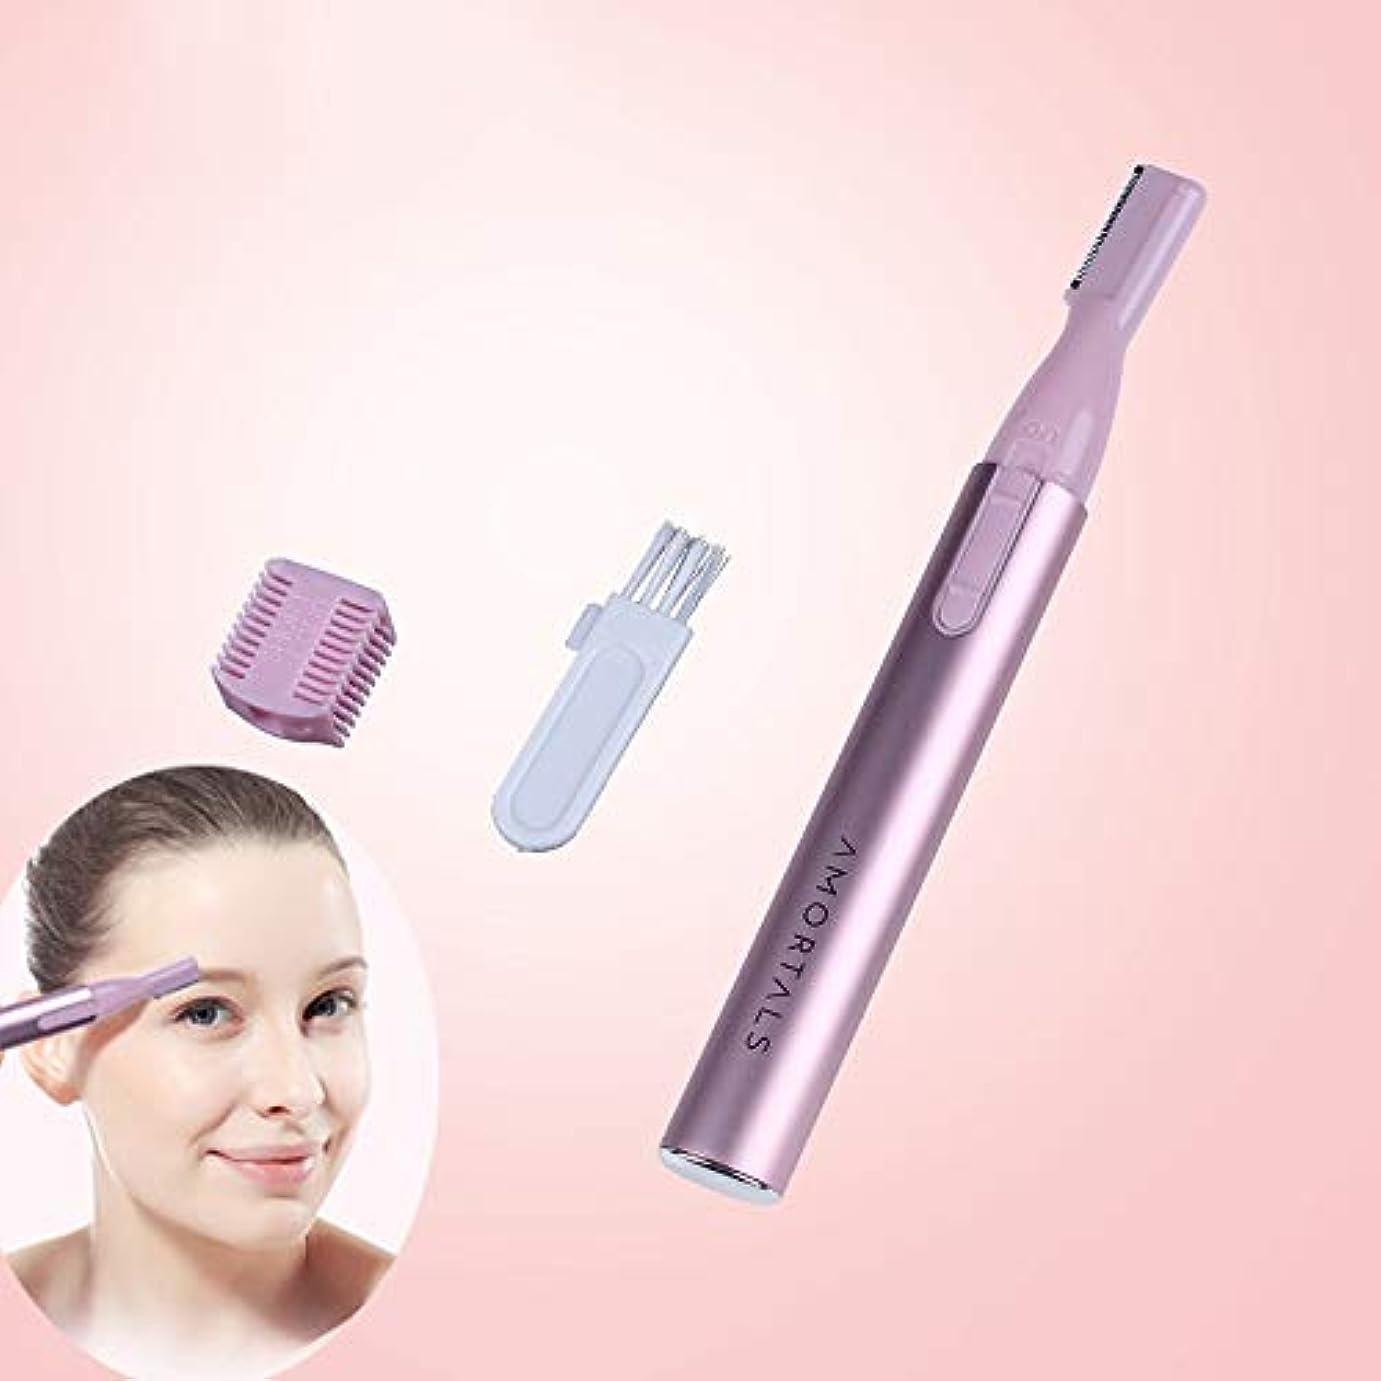 アベニュー初心者松明脇の下/足/体/髪の女性の顔のトリマーのための携帯用電動眉毛トリマー、(電池式) (Color : Pink)